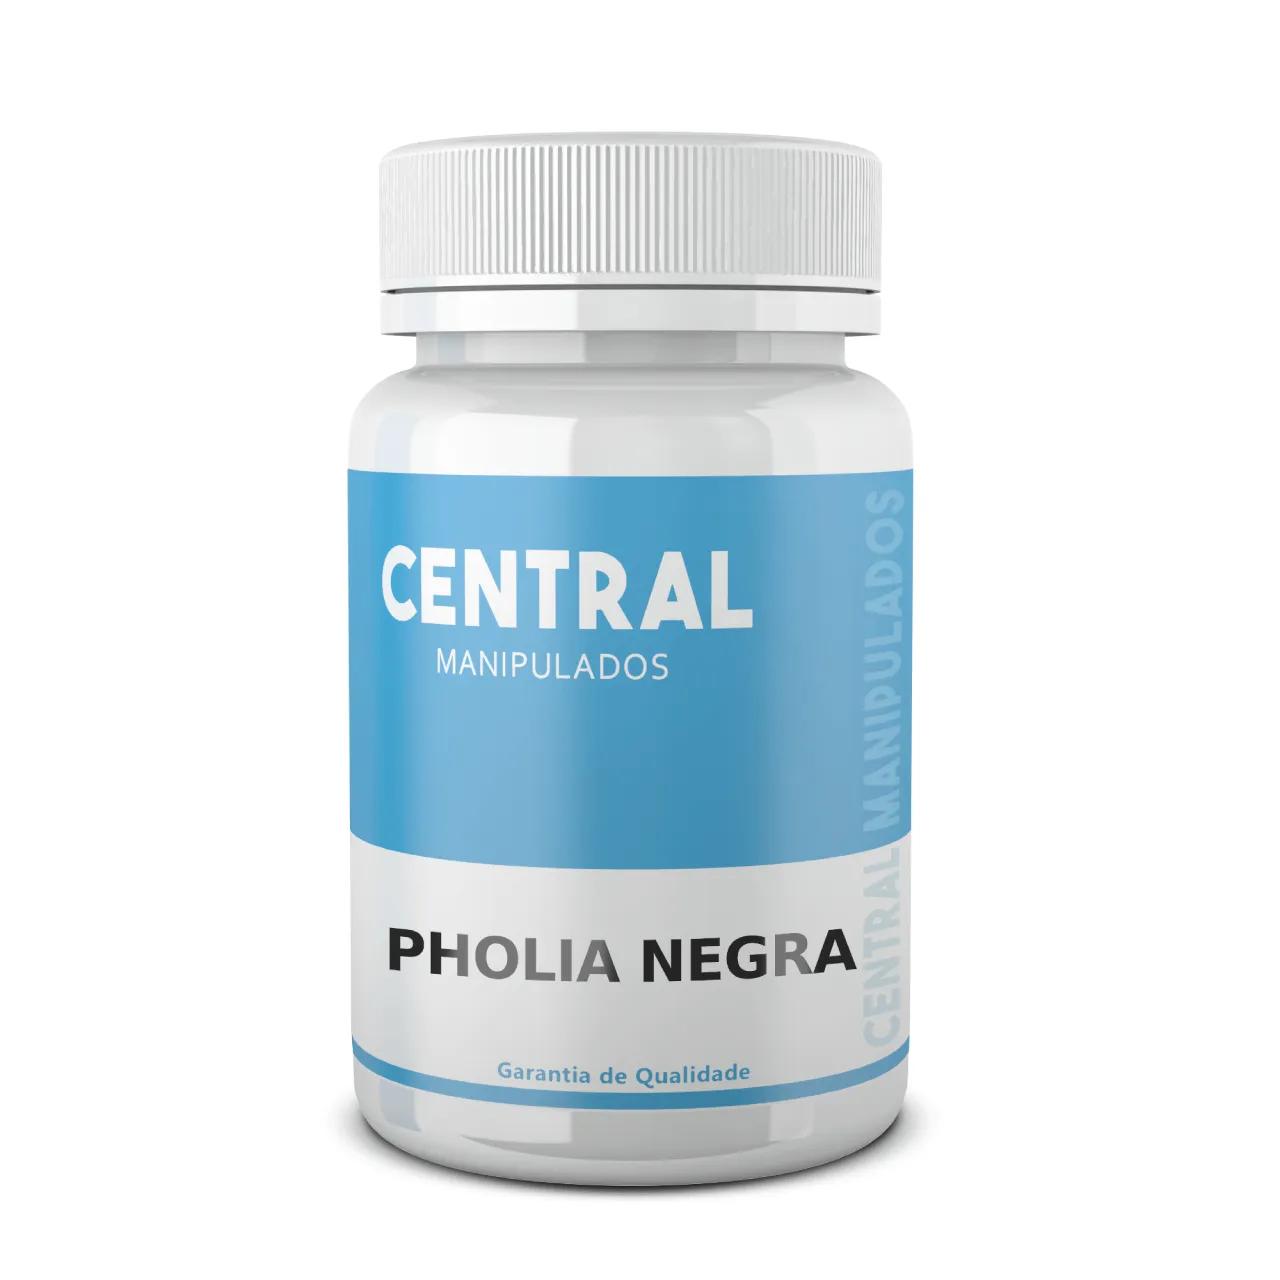 Pholia Negra 500mg 60 Doses = 120 cápsulas - Perda de Peso, Melhora o Colesterol, Promove Saciedade